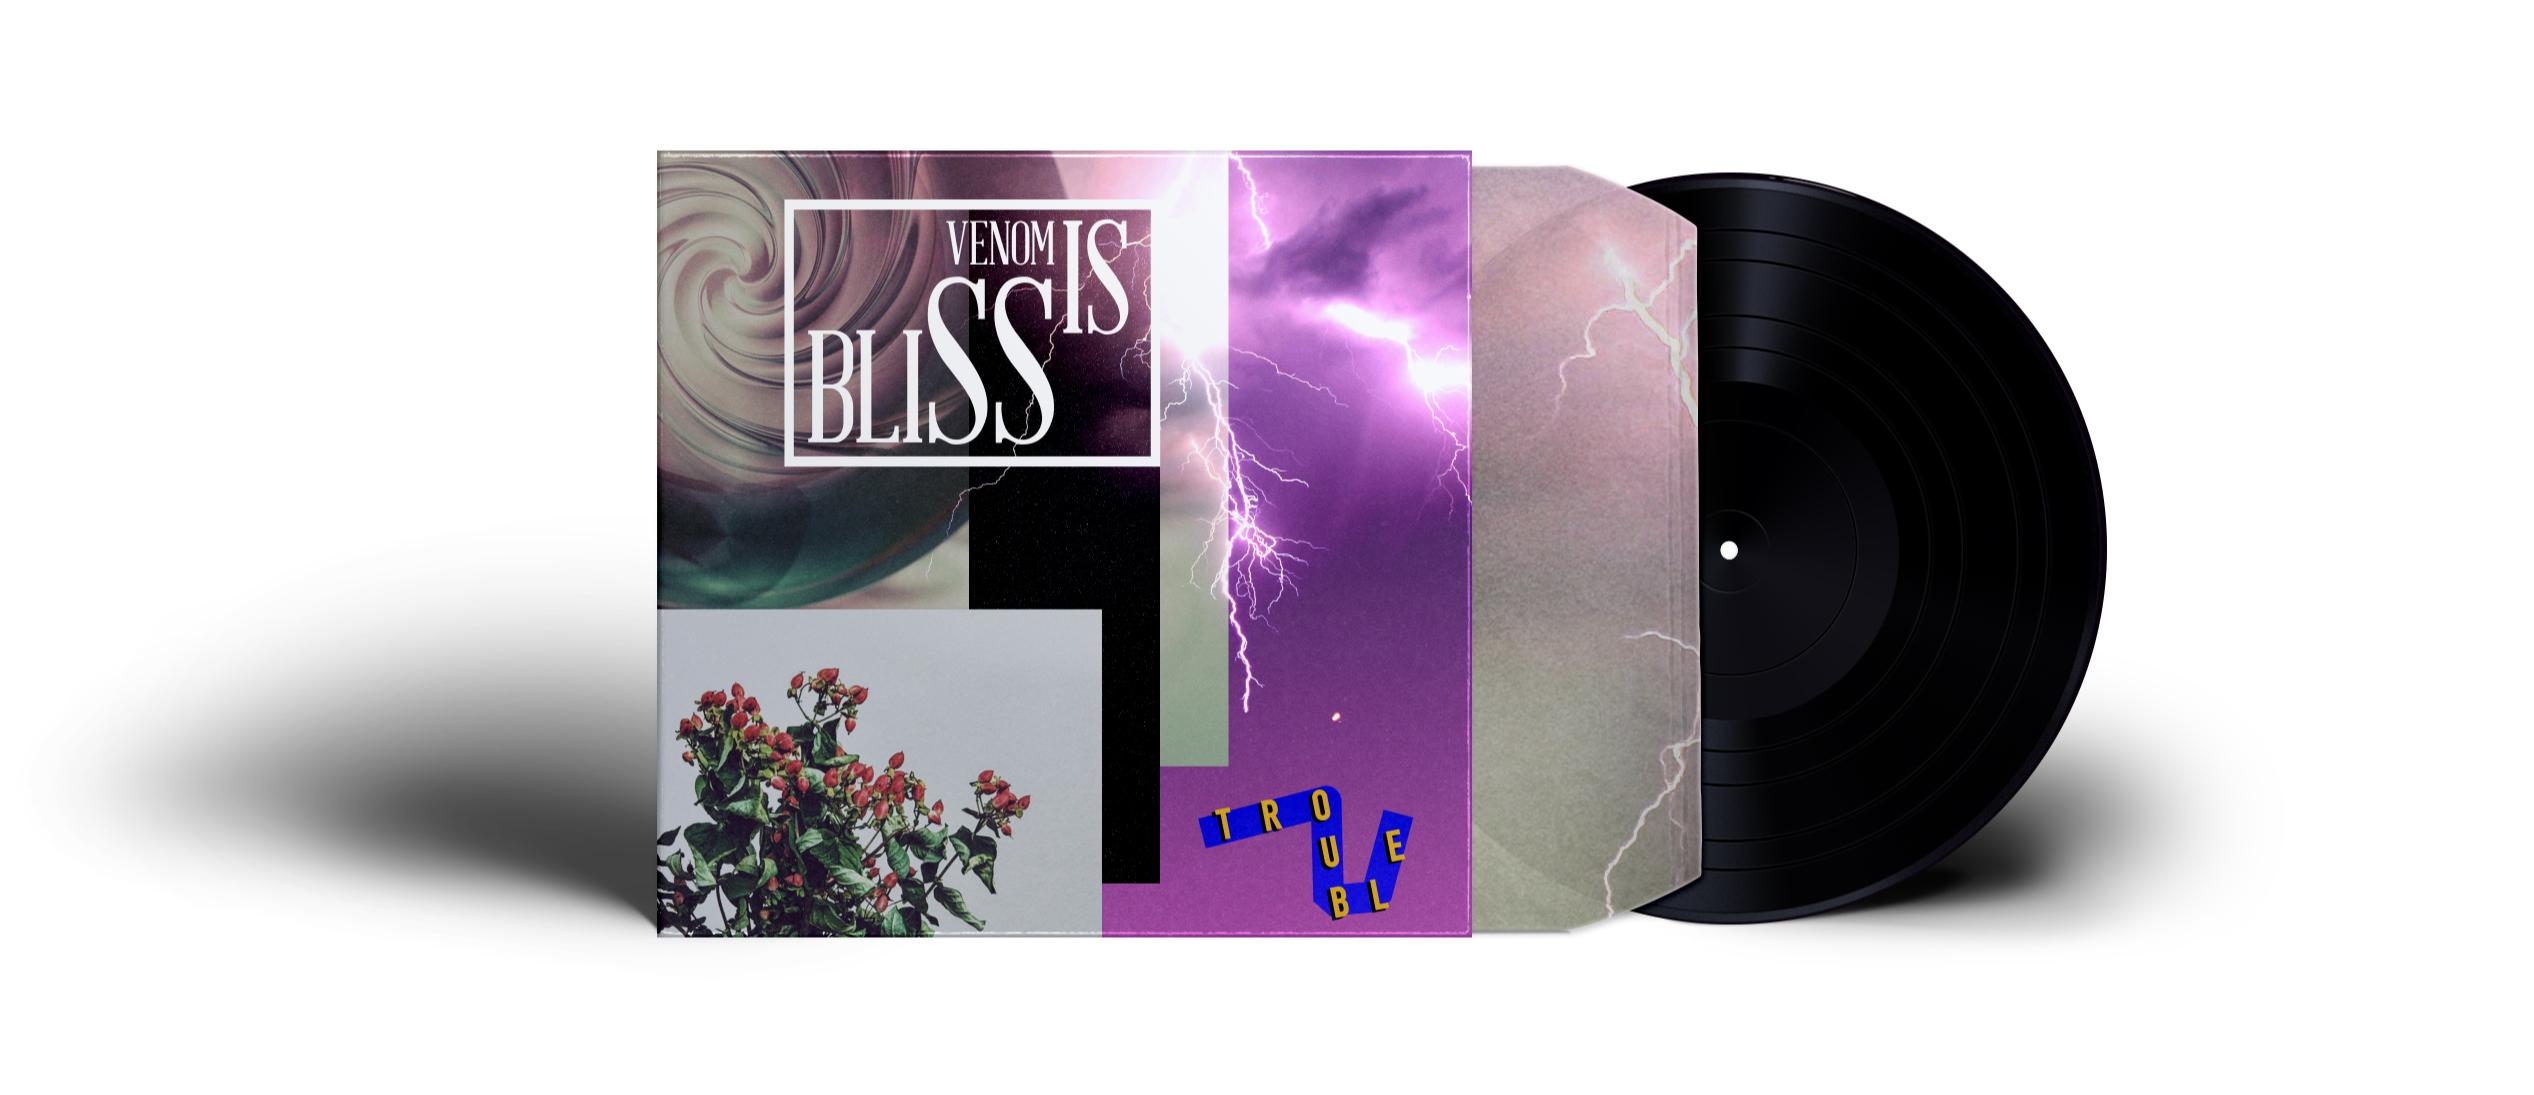 Cover Artwork für die EP Trouble. 3D Graphics gepaart mit Fotos einem lila Himmel und Blitzen